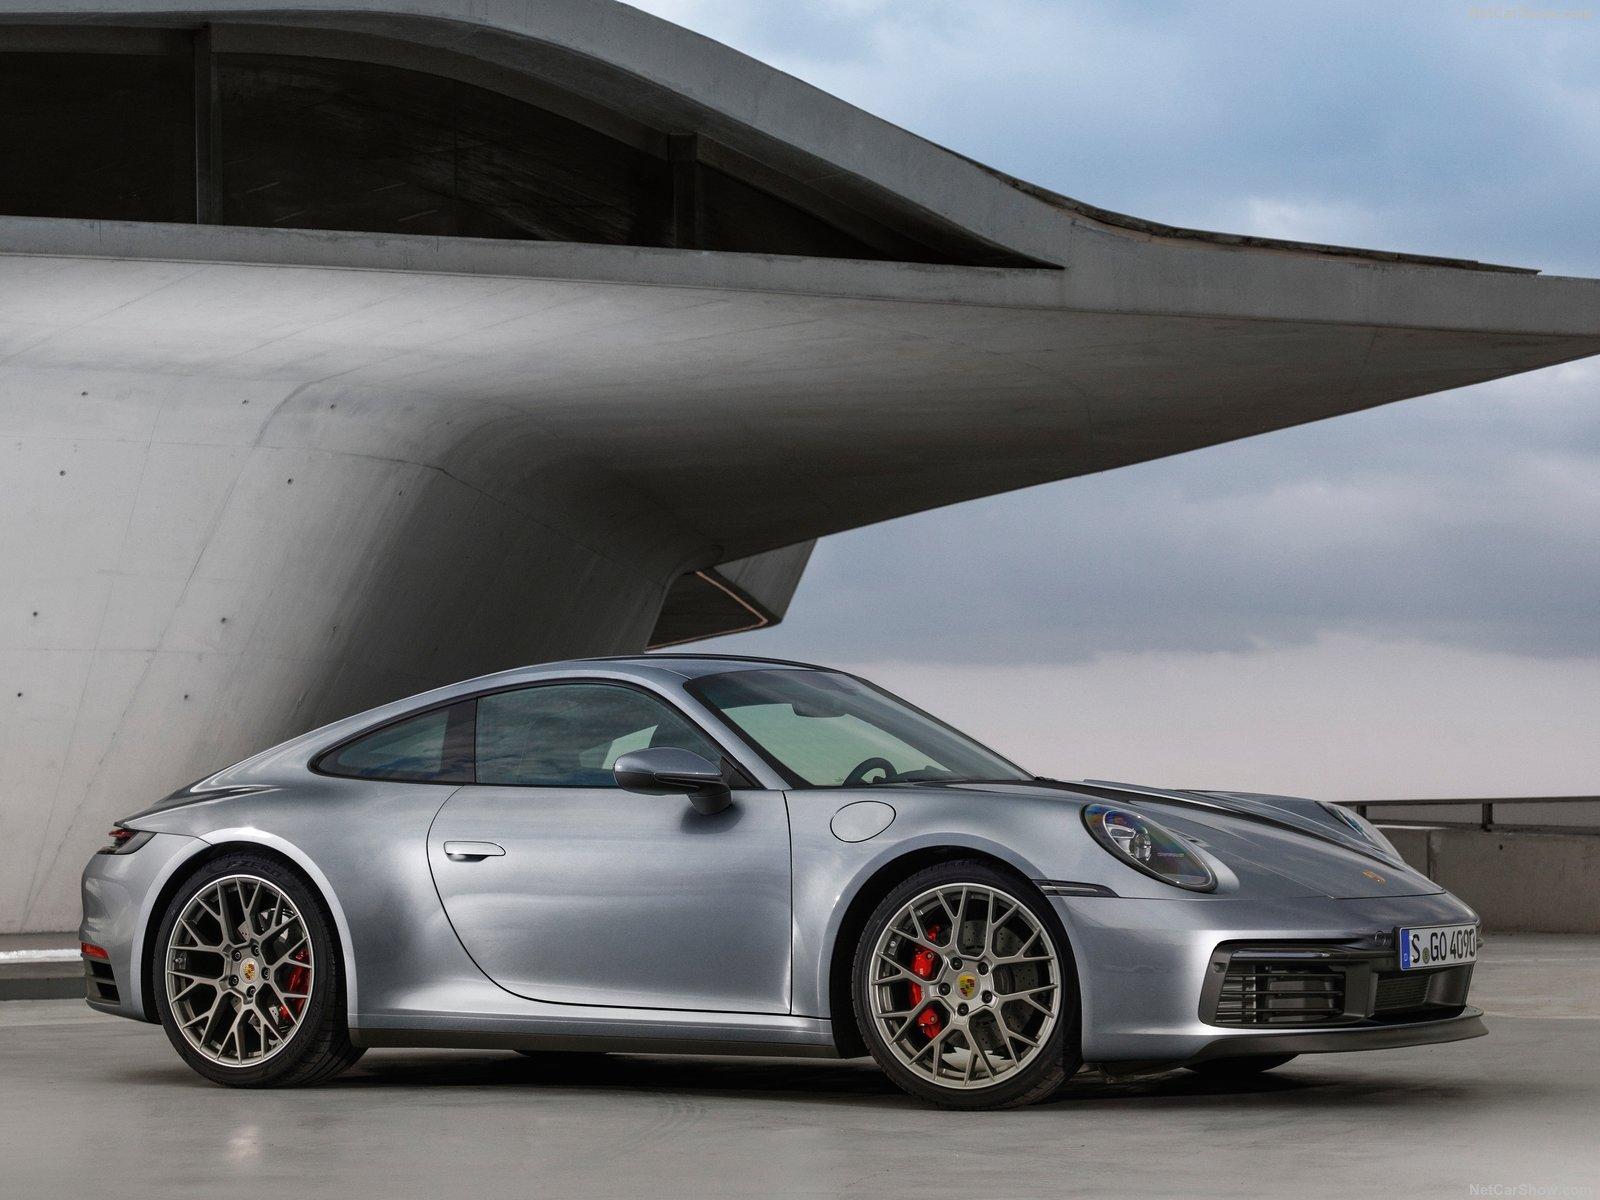 预计2022年发布 全新一代911将推出混动版本